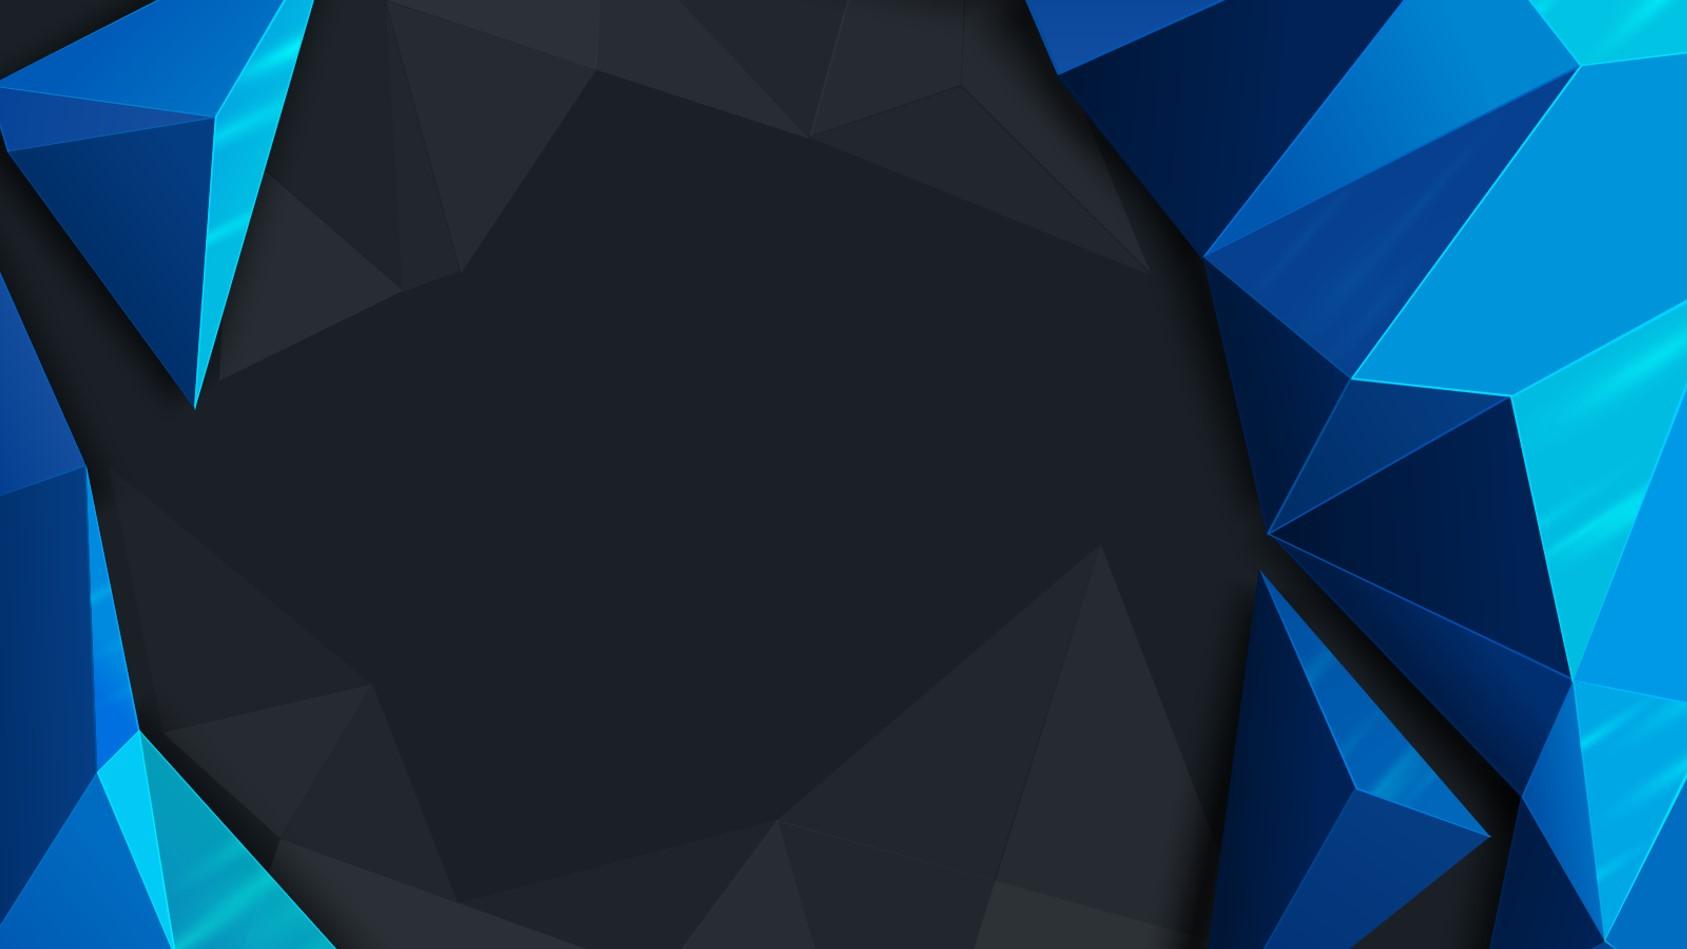 蓝色立体多边形背景工作总结PPT模板